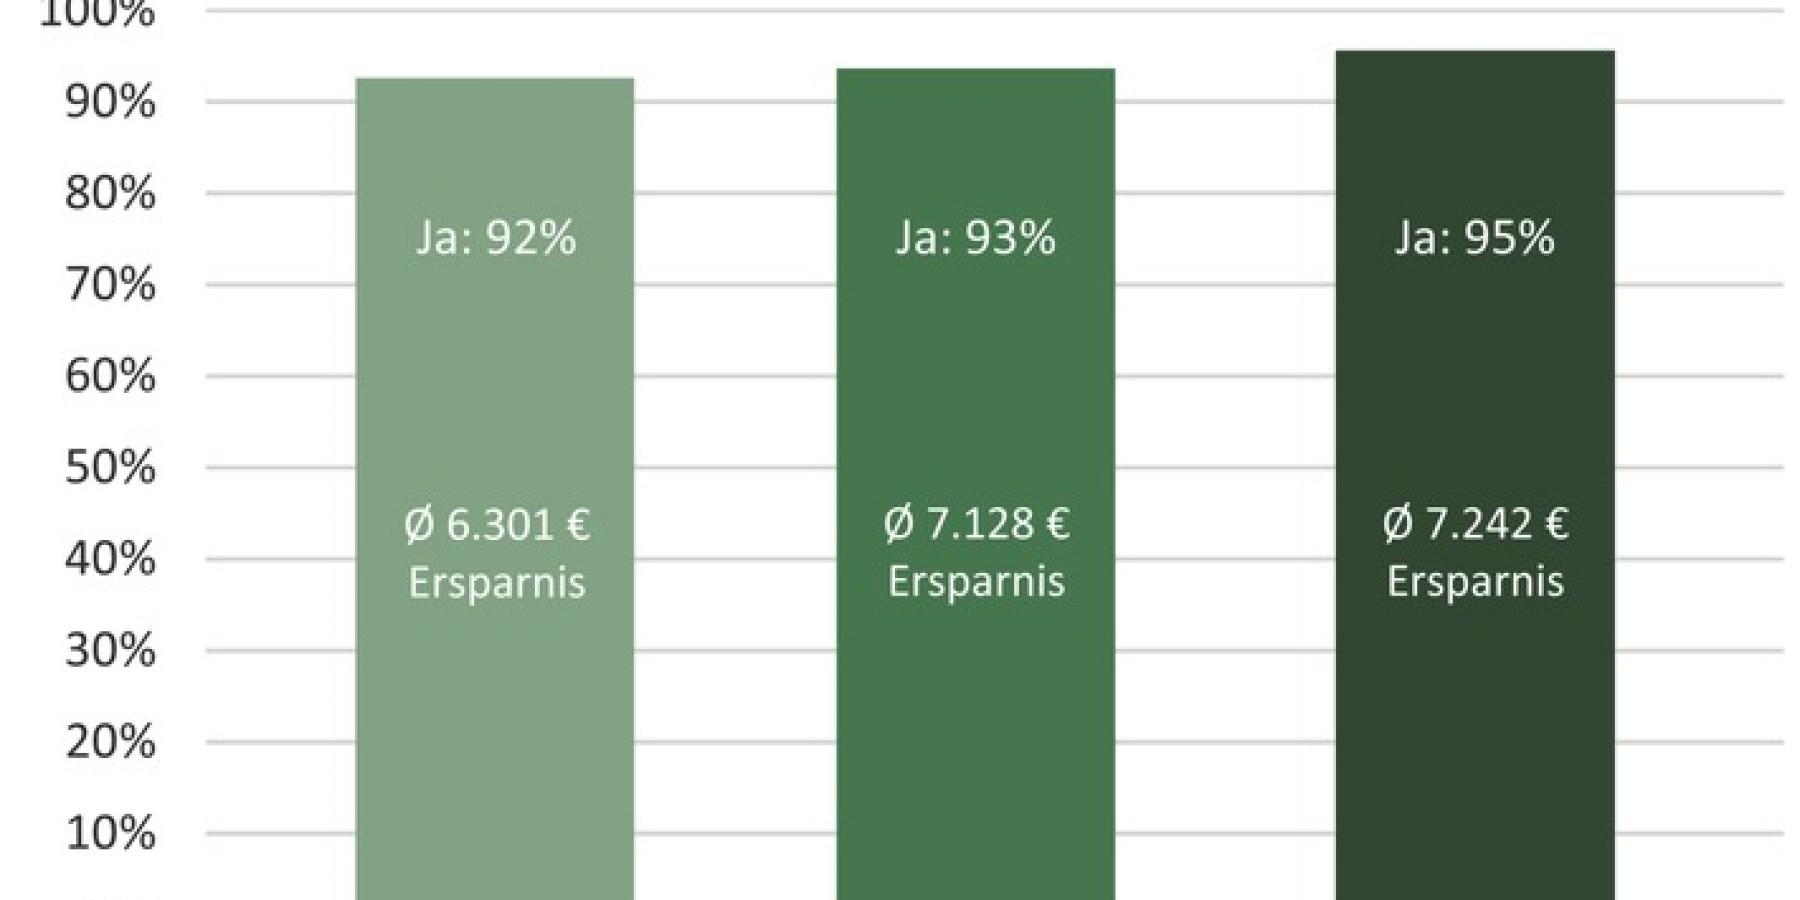 Ersparnis bei Zahnbehandlungen in Ungarn steigt deutlich